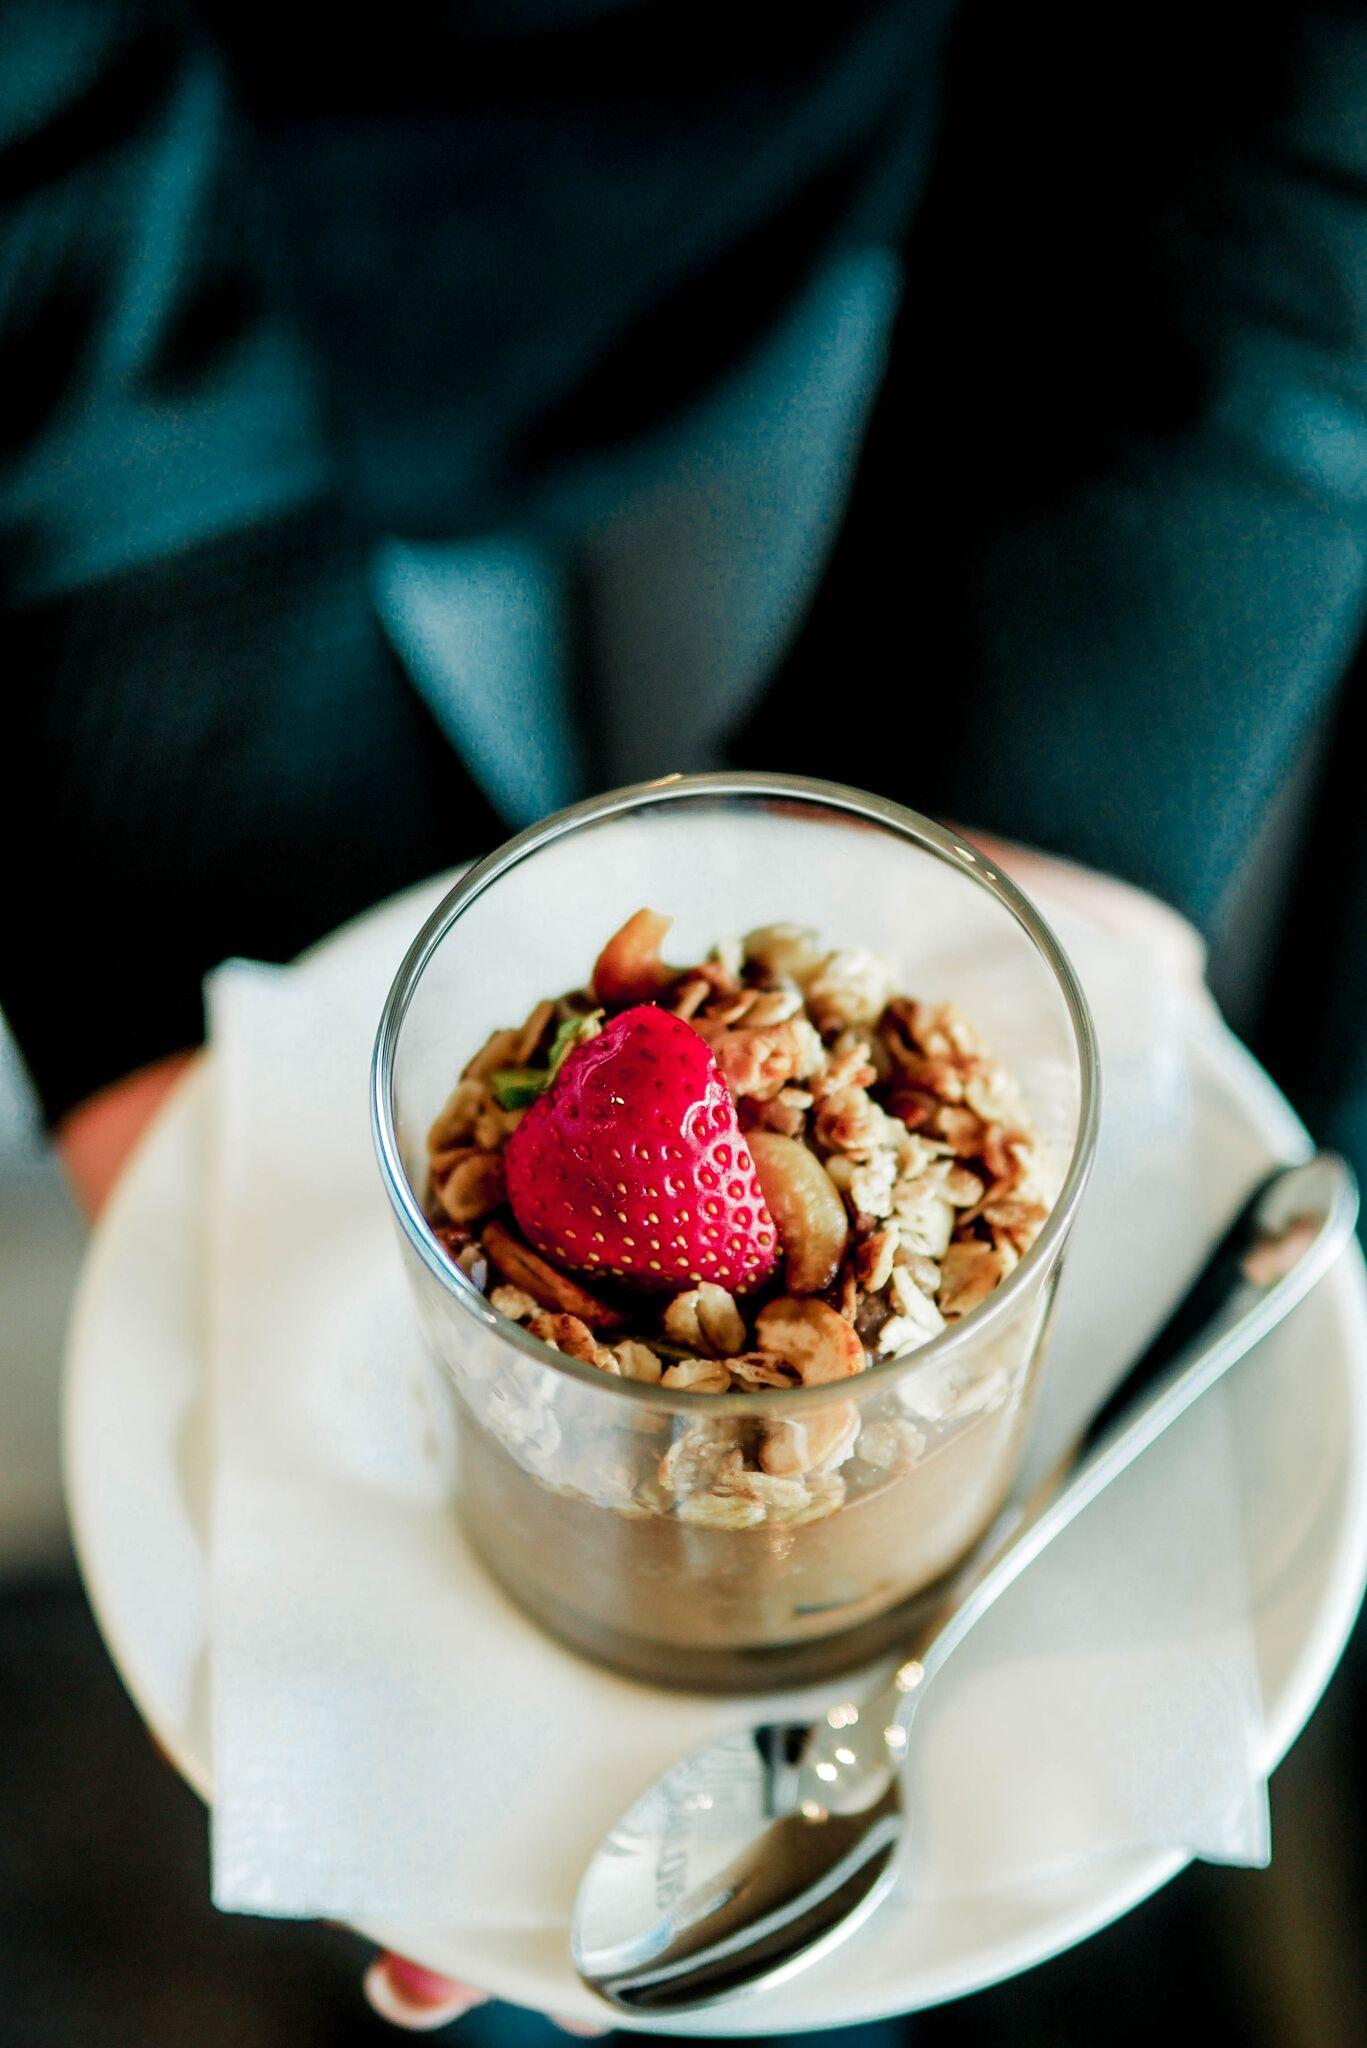 ....Toorkakao-avakaado puding..Pudding of raw cacao powder and avocado.... - ....Selle magustoidu osas tekkisid lahkarvamused:1. Ideaalne hommikusöögiks! Üsna kerge ja mitte väga intensiivse maitsega.2. Nägi hea välja, aga ei maitsenud üldse. Ootasime midagi rammusamat ja kakaopudingu sarnast, aga see maitses tõesti nagu puhas toorkakao ja veel midagi hapukat...We had different opinions on this.1. Would be perfect for breakfast! Quite light and very pleasant.2. Looks good, but doesn't taste as good. We were expecting something thicker and creamier, but this tasted like raw cacao powder with something sour.....